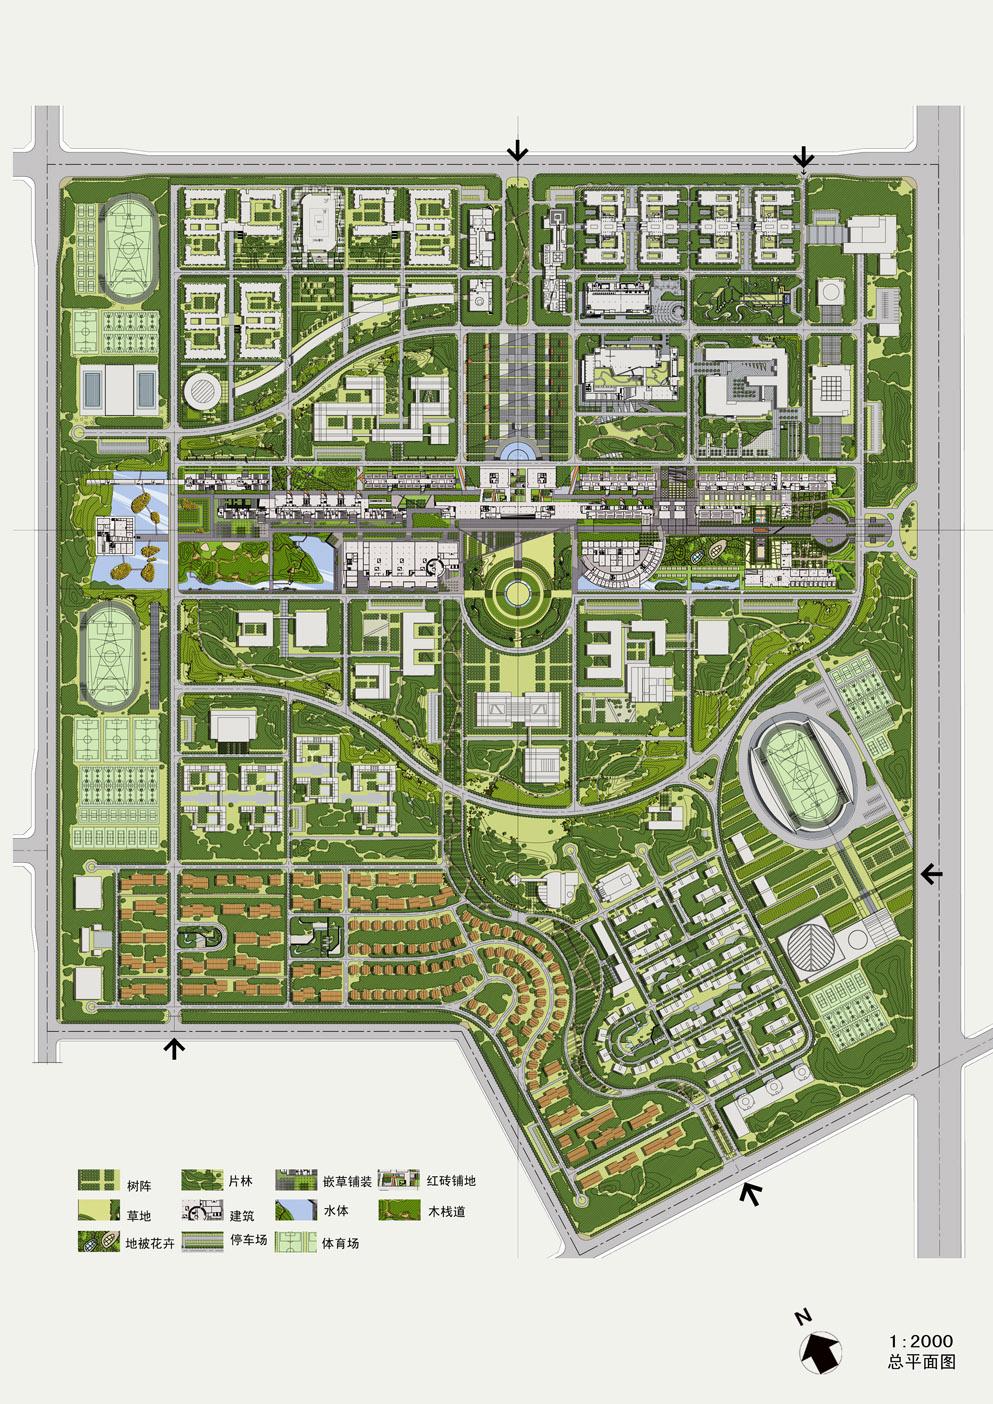 某大学校园景观规划设计